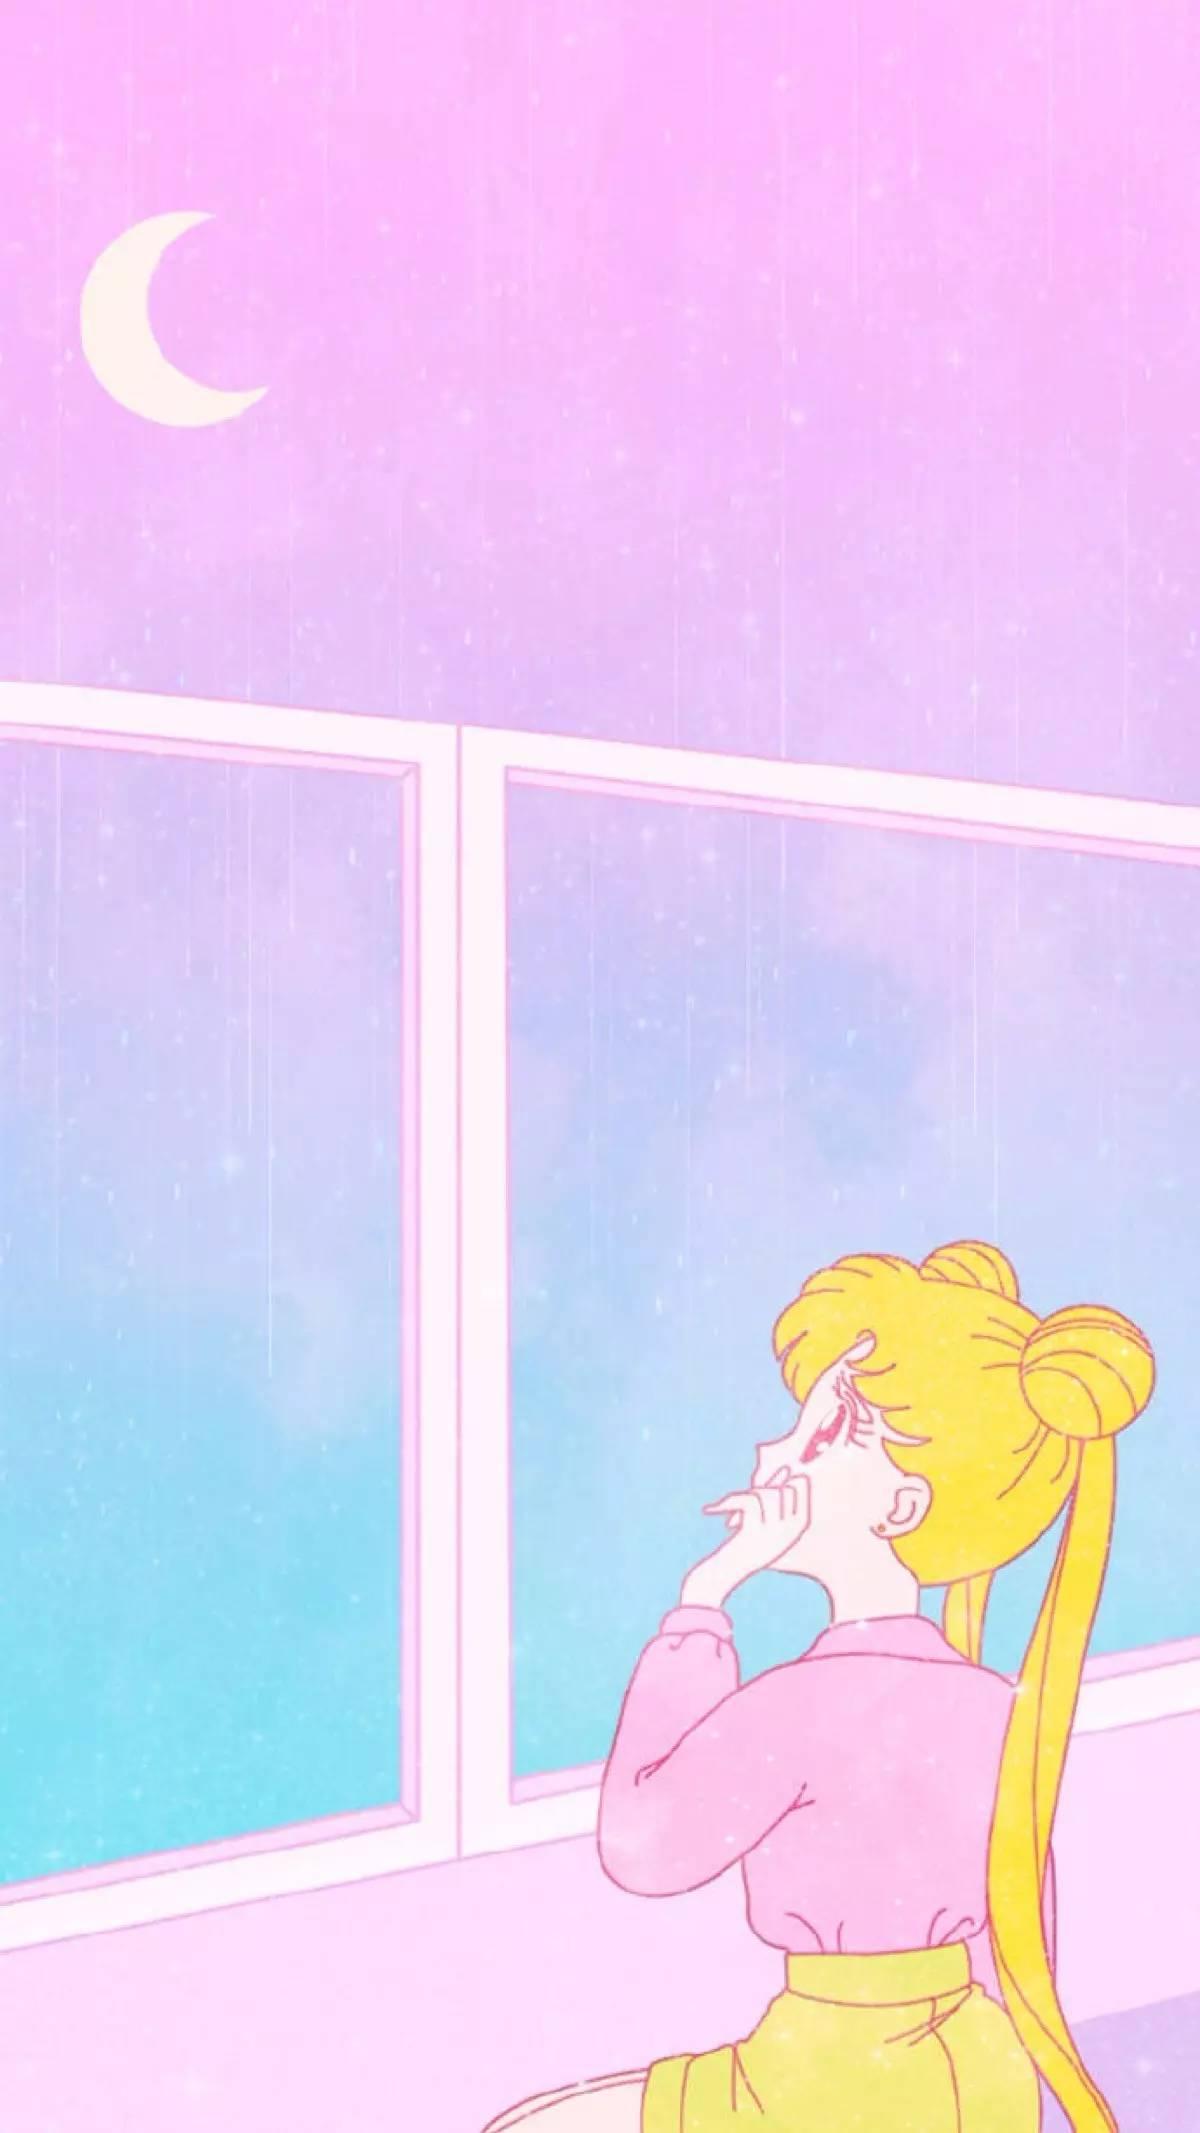 新一期美少女战士爱情故事系列锁屏壁纸来袭,快快接住